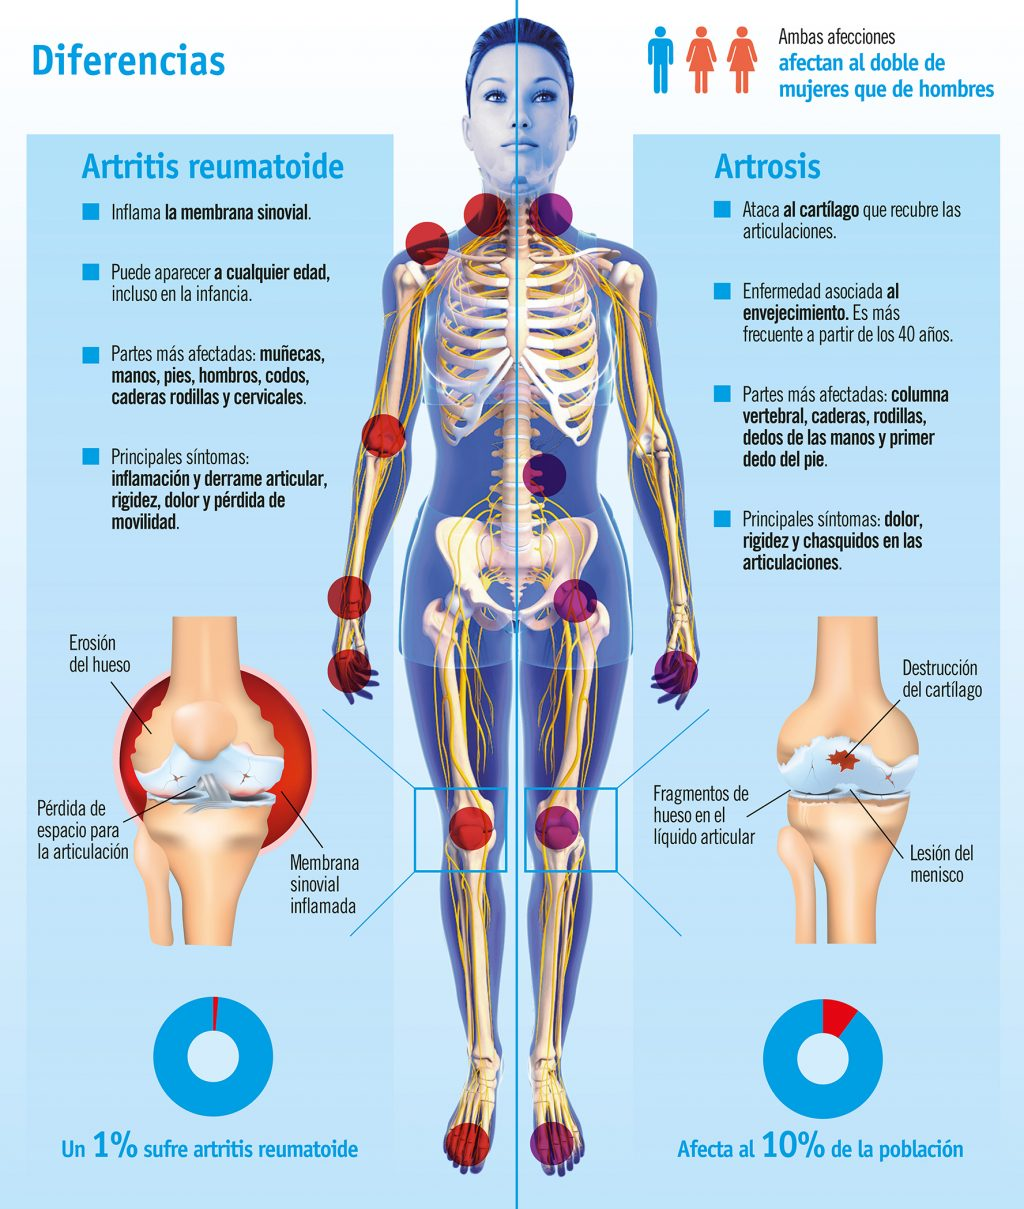 Artrosis Vs. Artritis